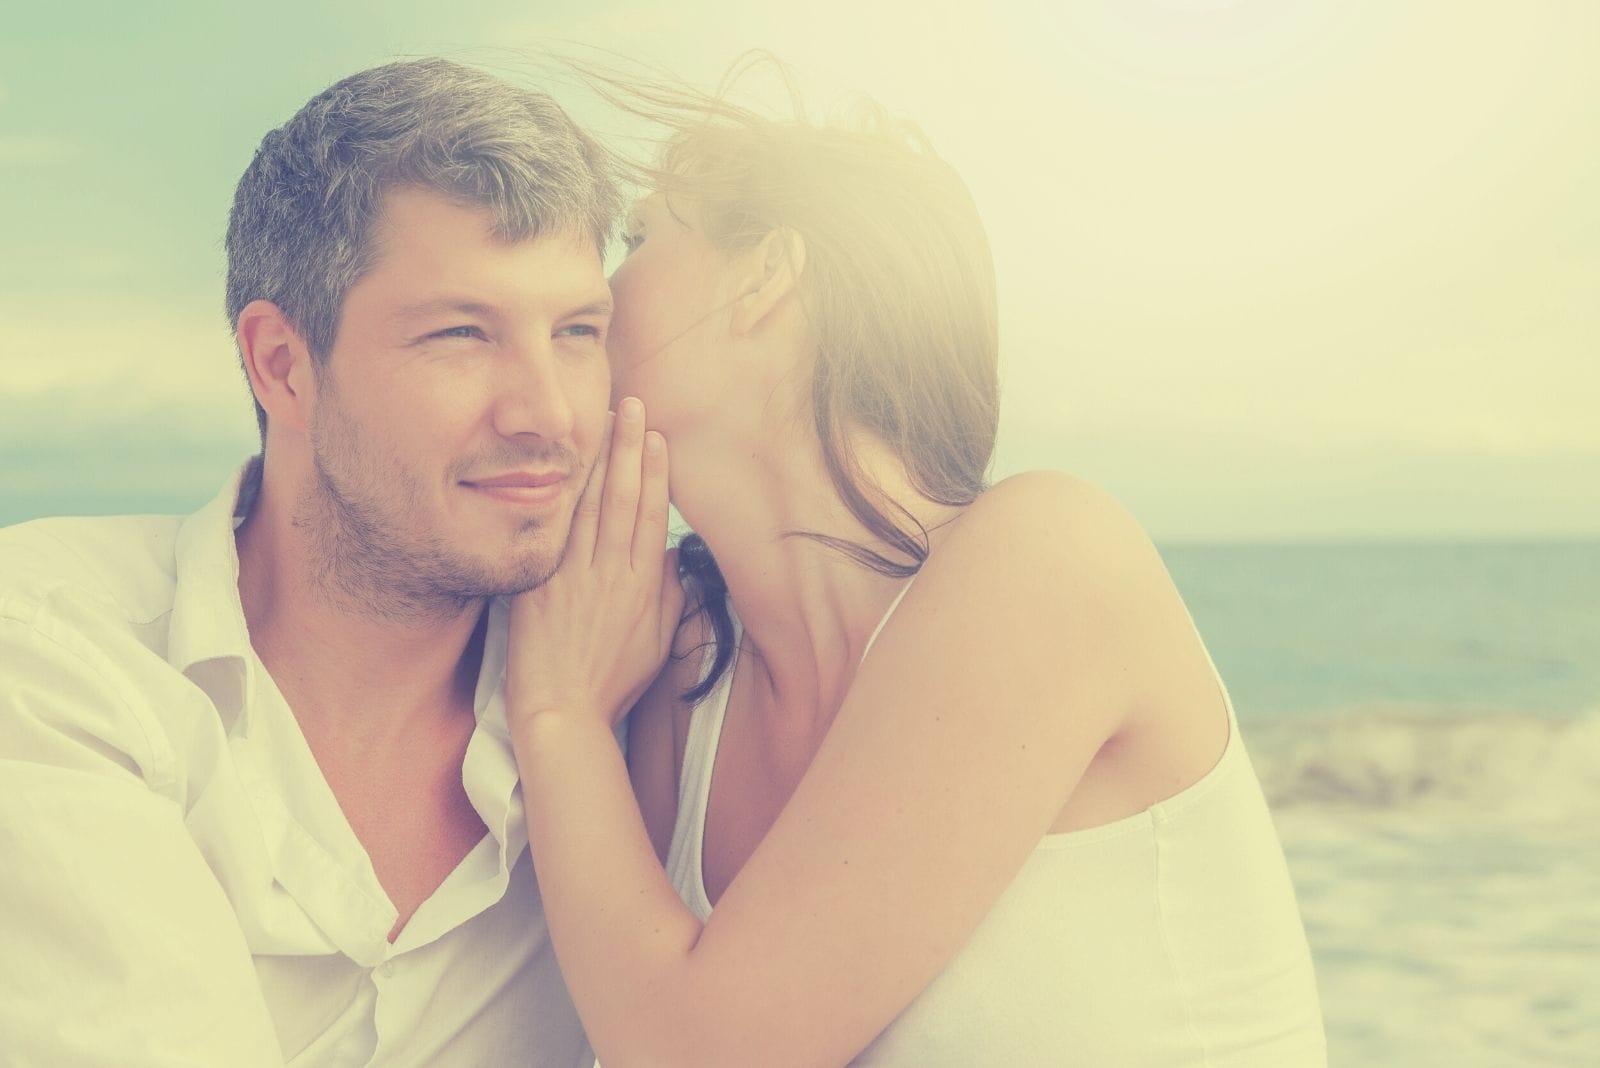 sun shiny behind the couple whispering sweetly sittingoutdoors